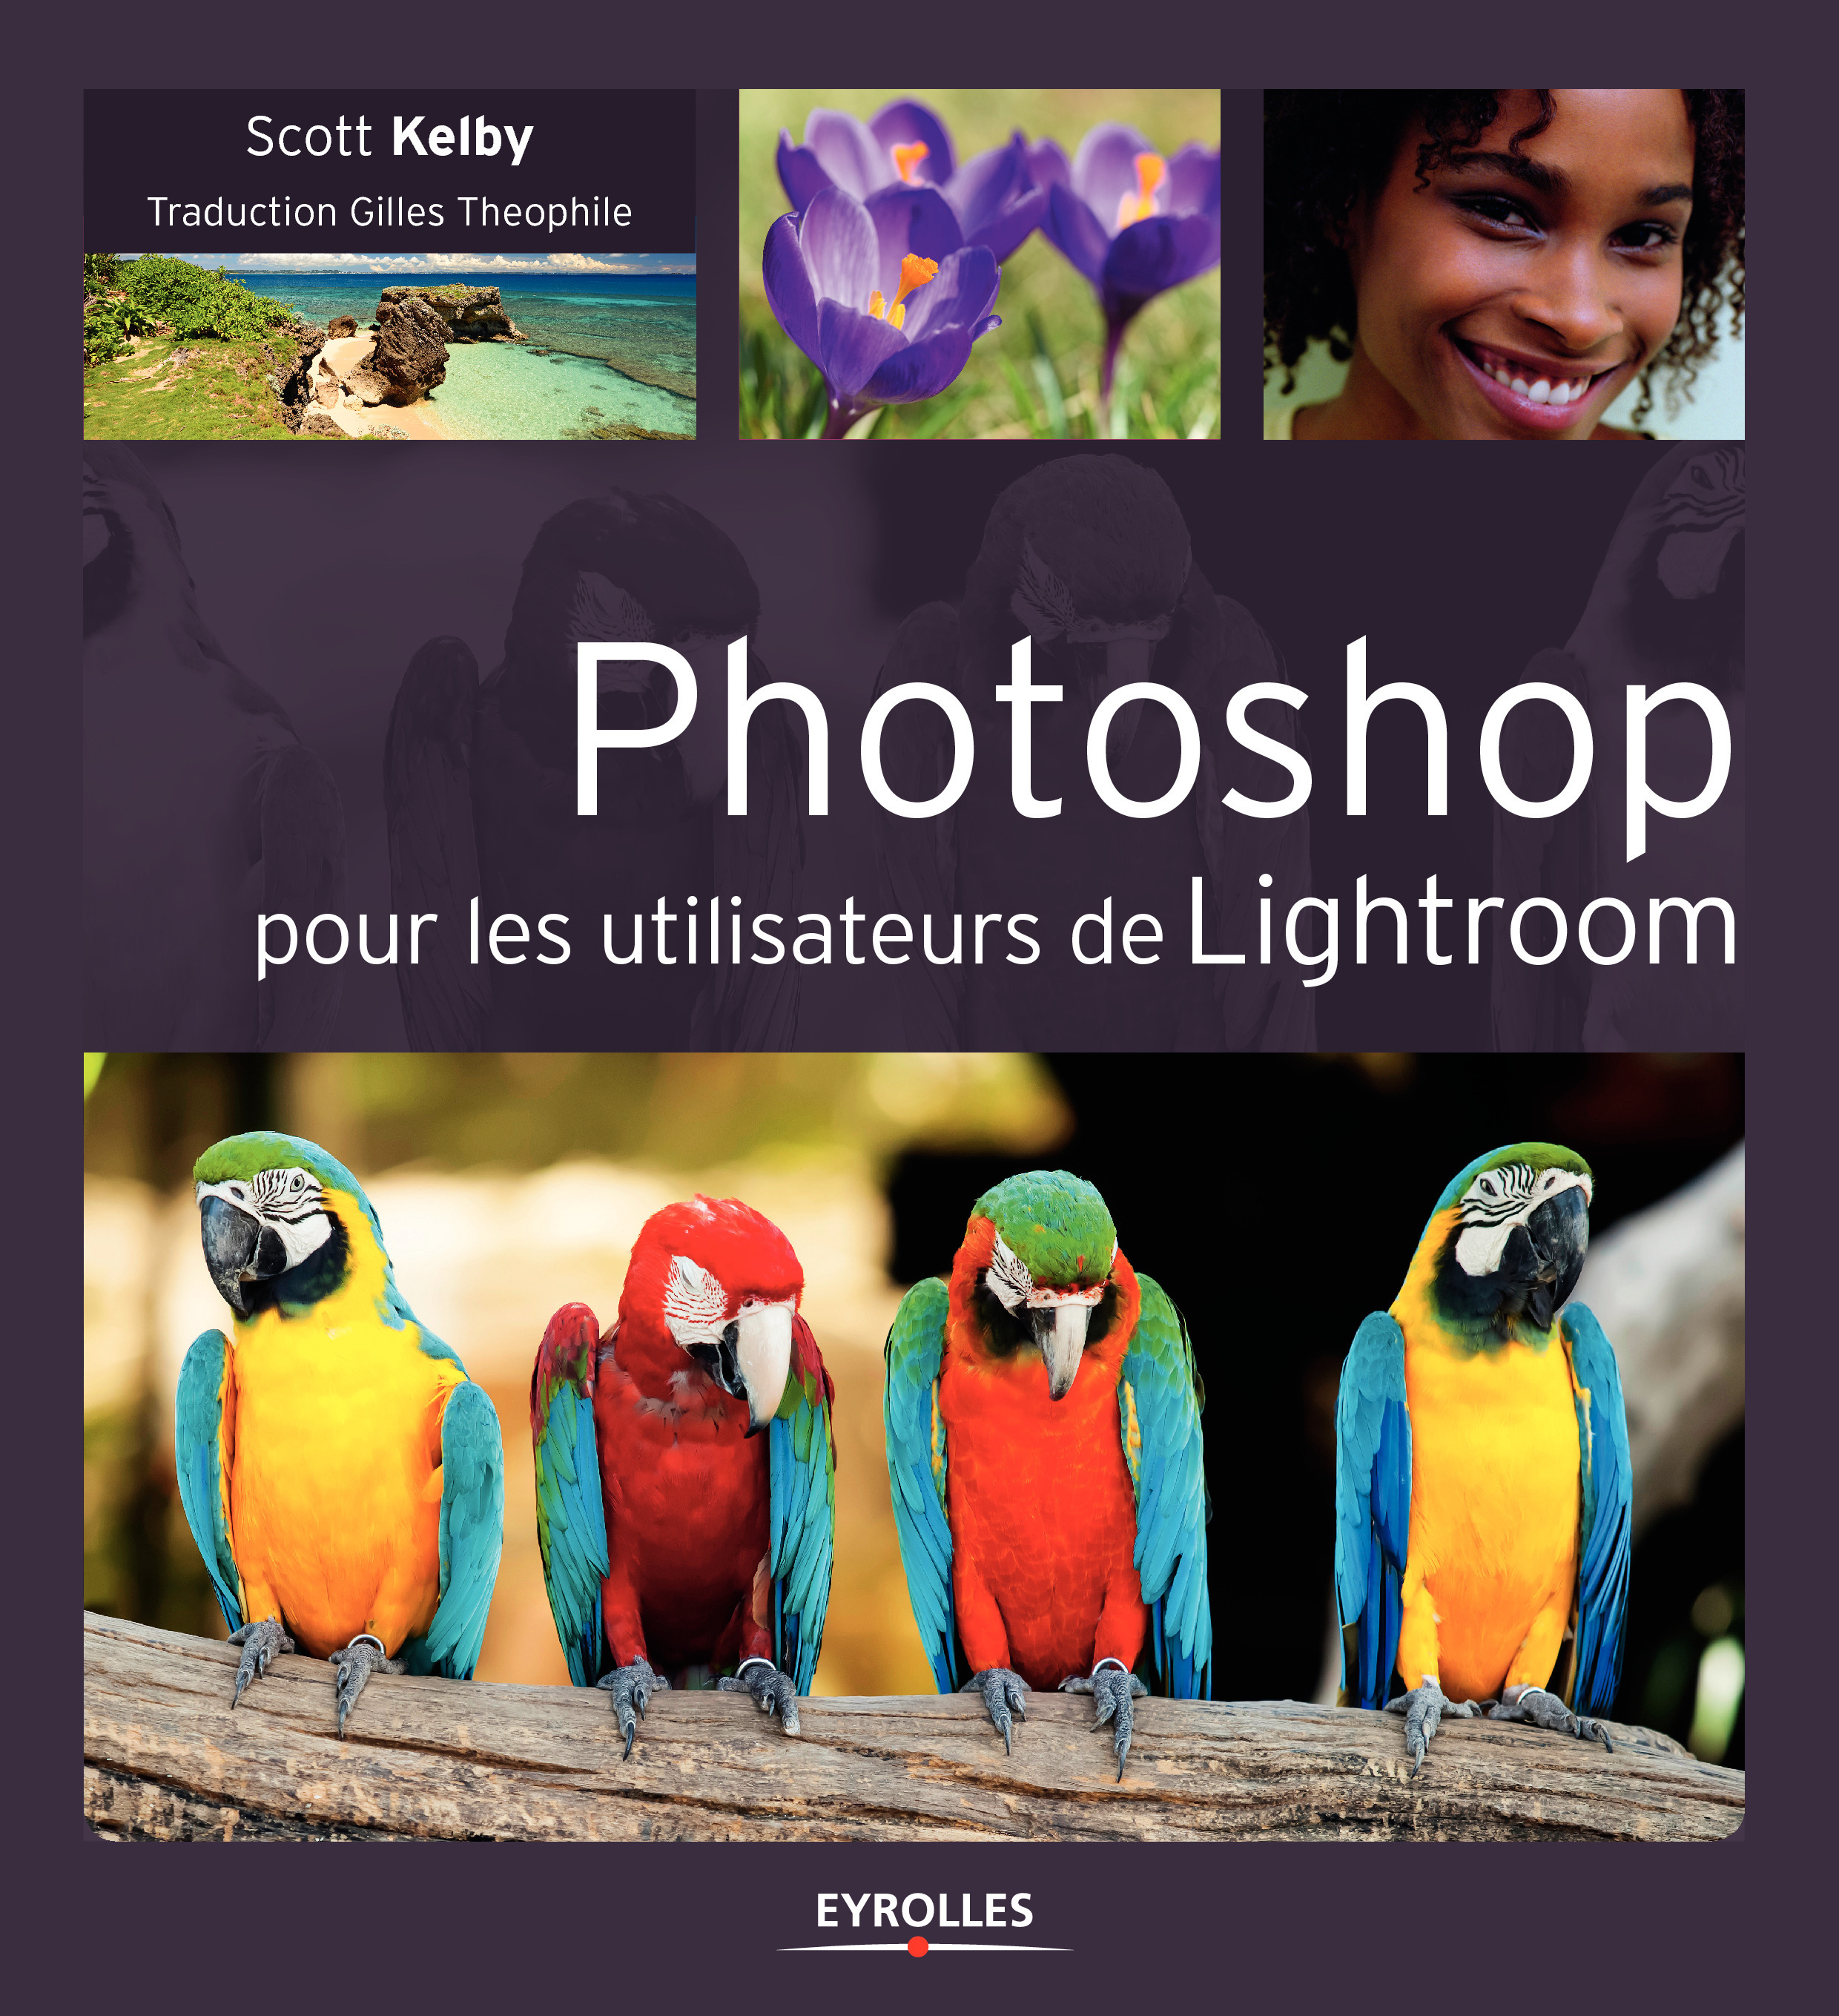 Photoshop pour les utilisateurs de Lightroom